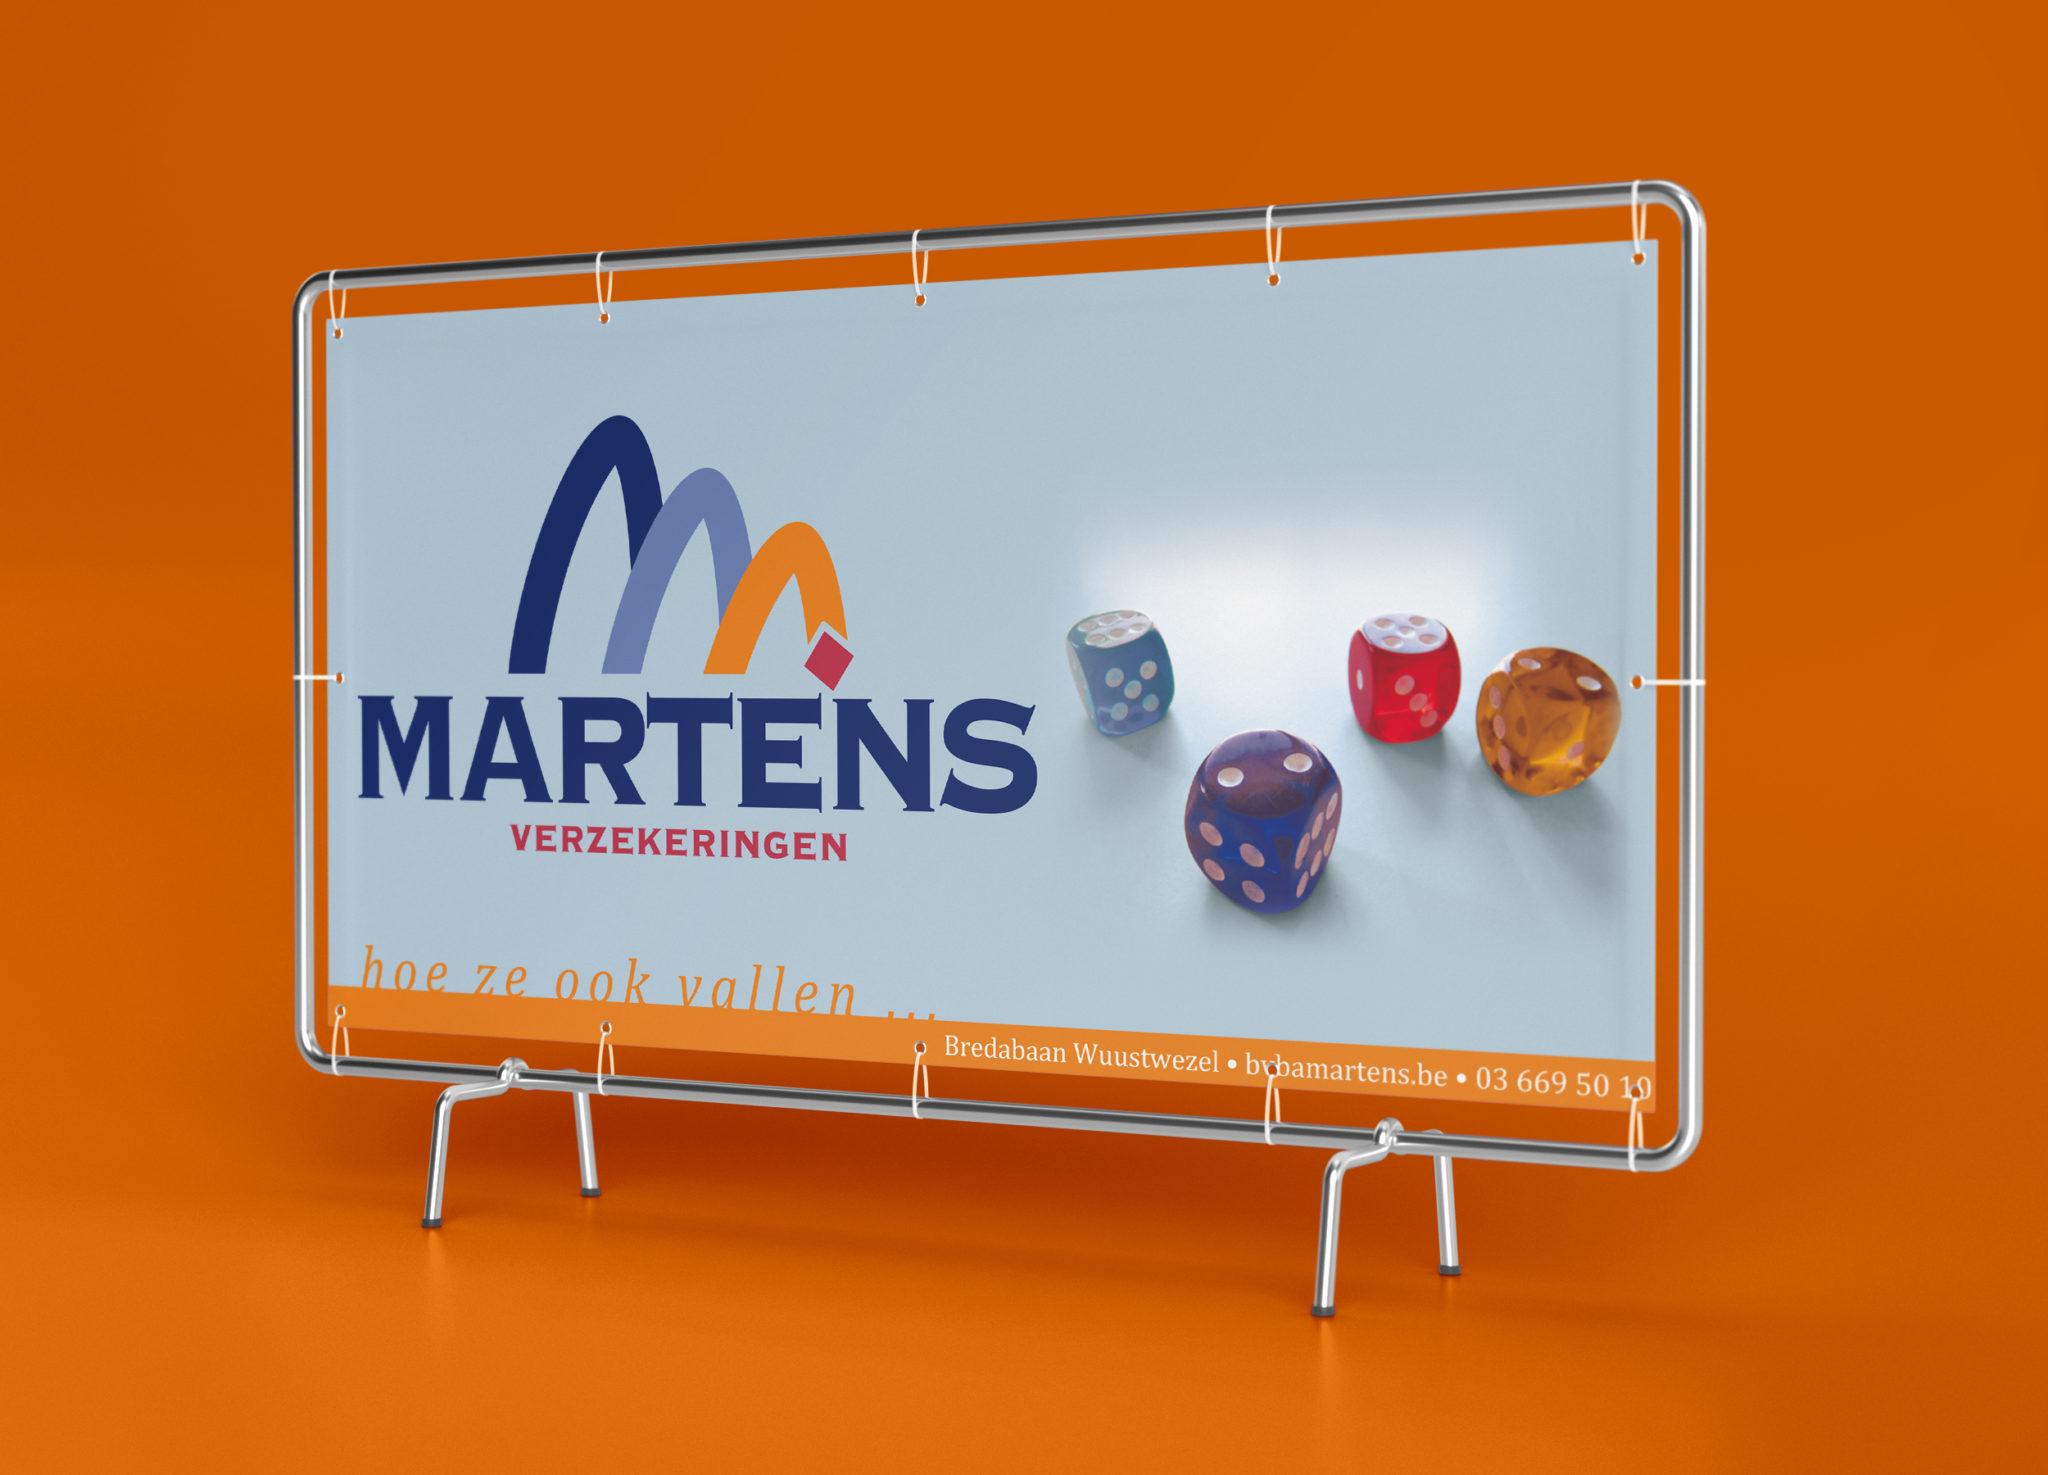 Martens verzekeringen spandoek